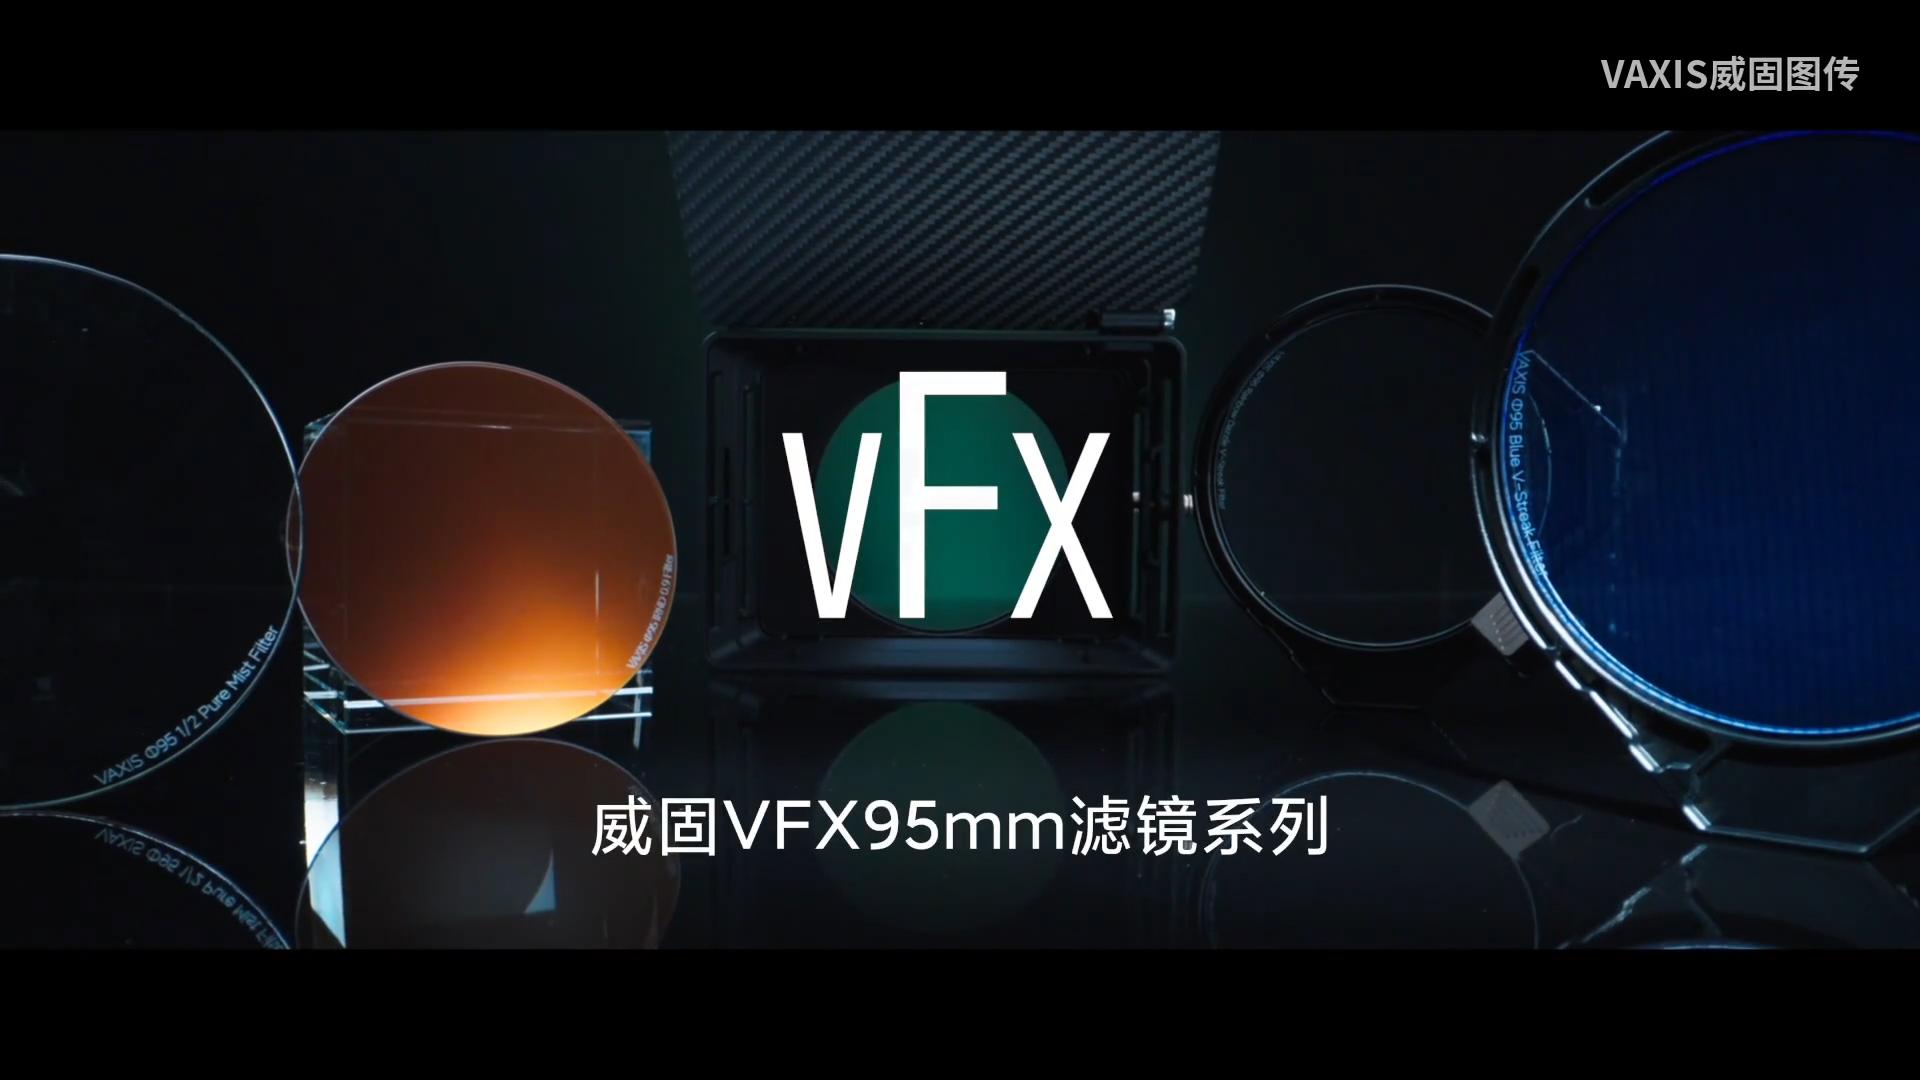 全新镜界—VAXIS威固 VFX 95mm滤镜系列正式发布